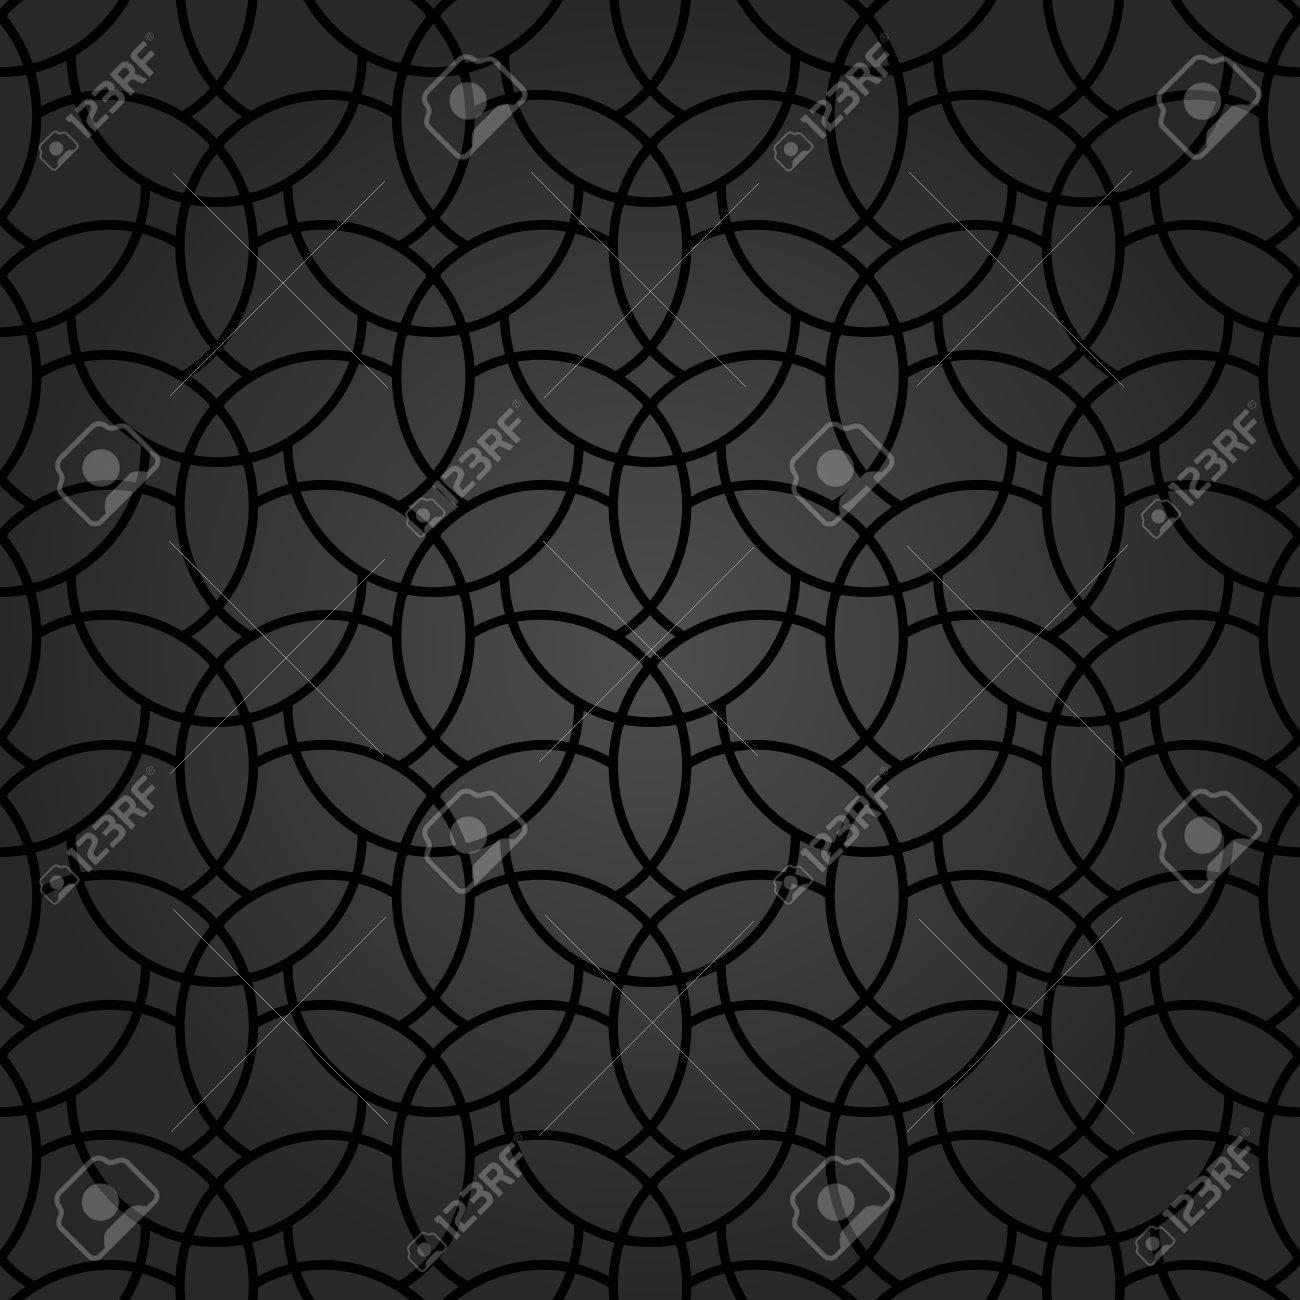 オリエンタル ブラック要素で細かい幾何学模様 壁紙や背景の